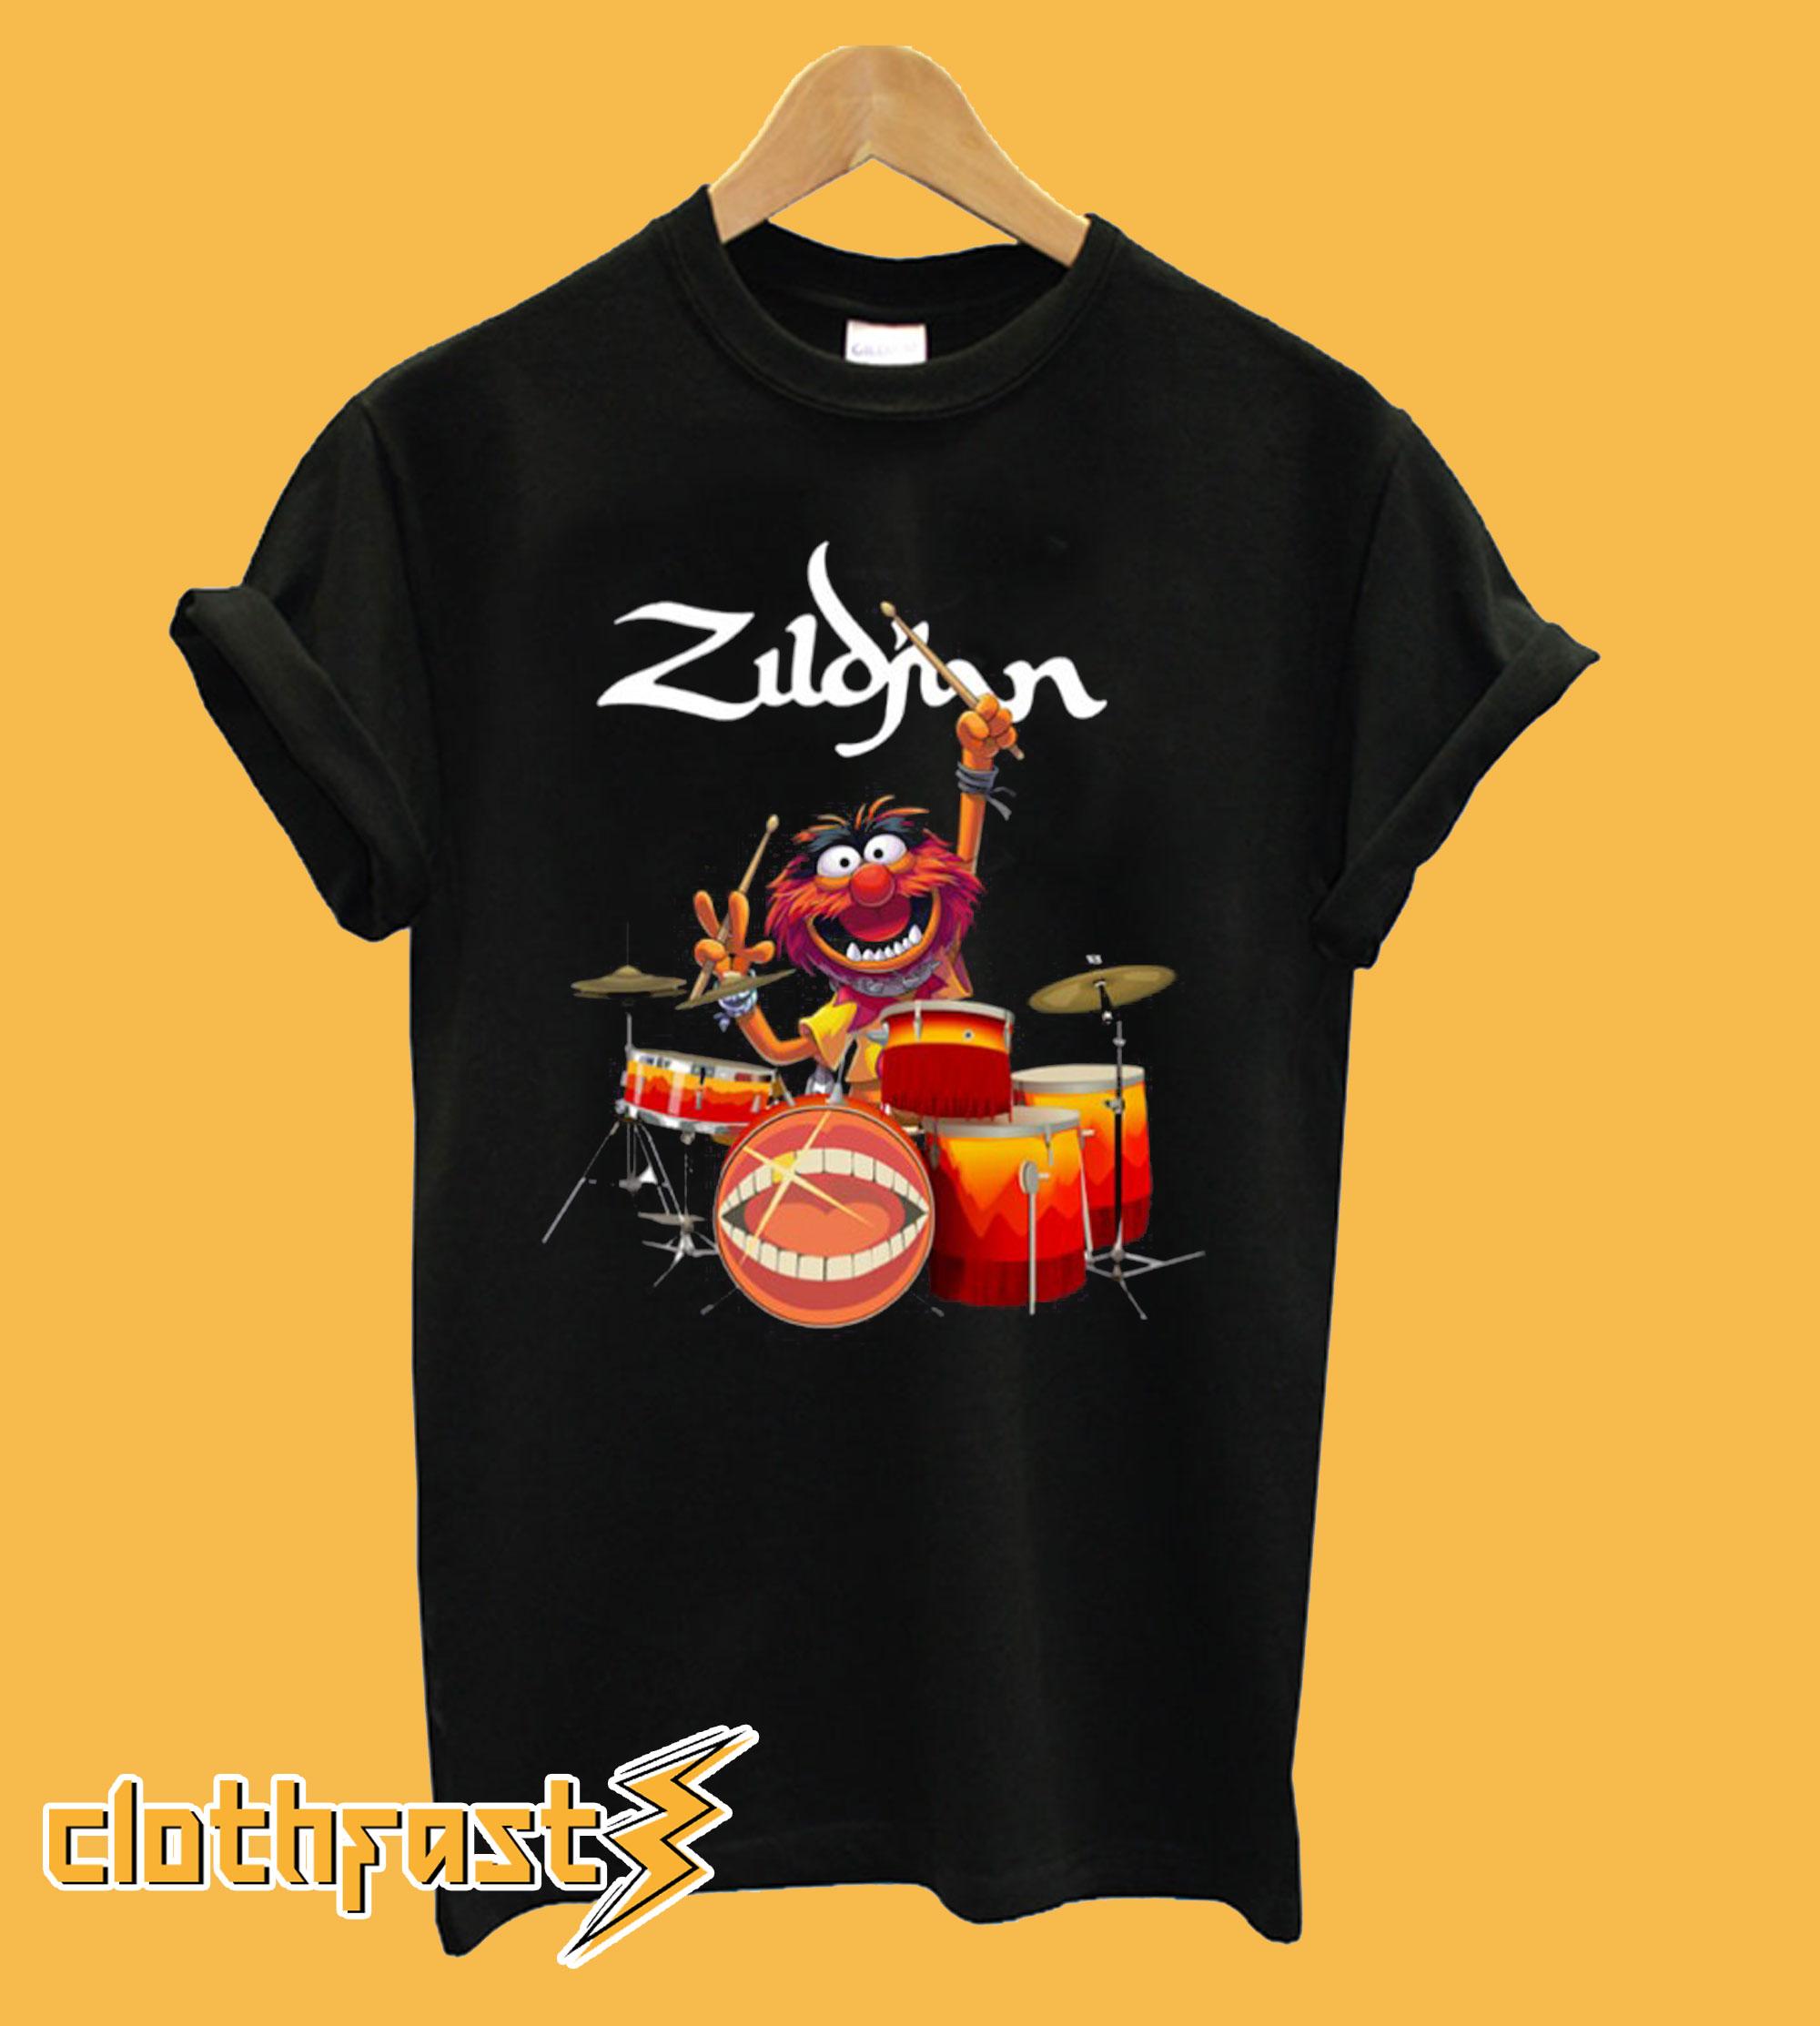 The Muppet Zildjian drums T Shirt